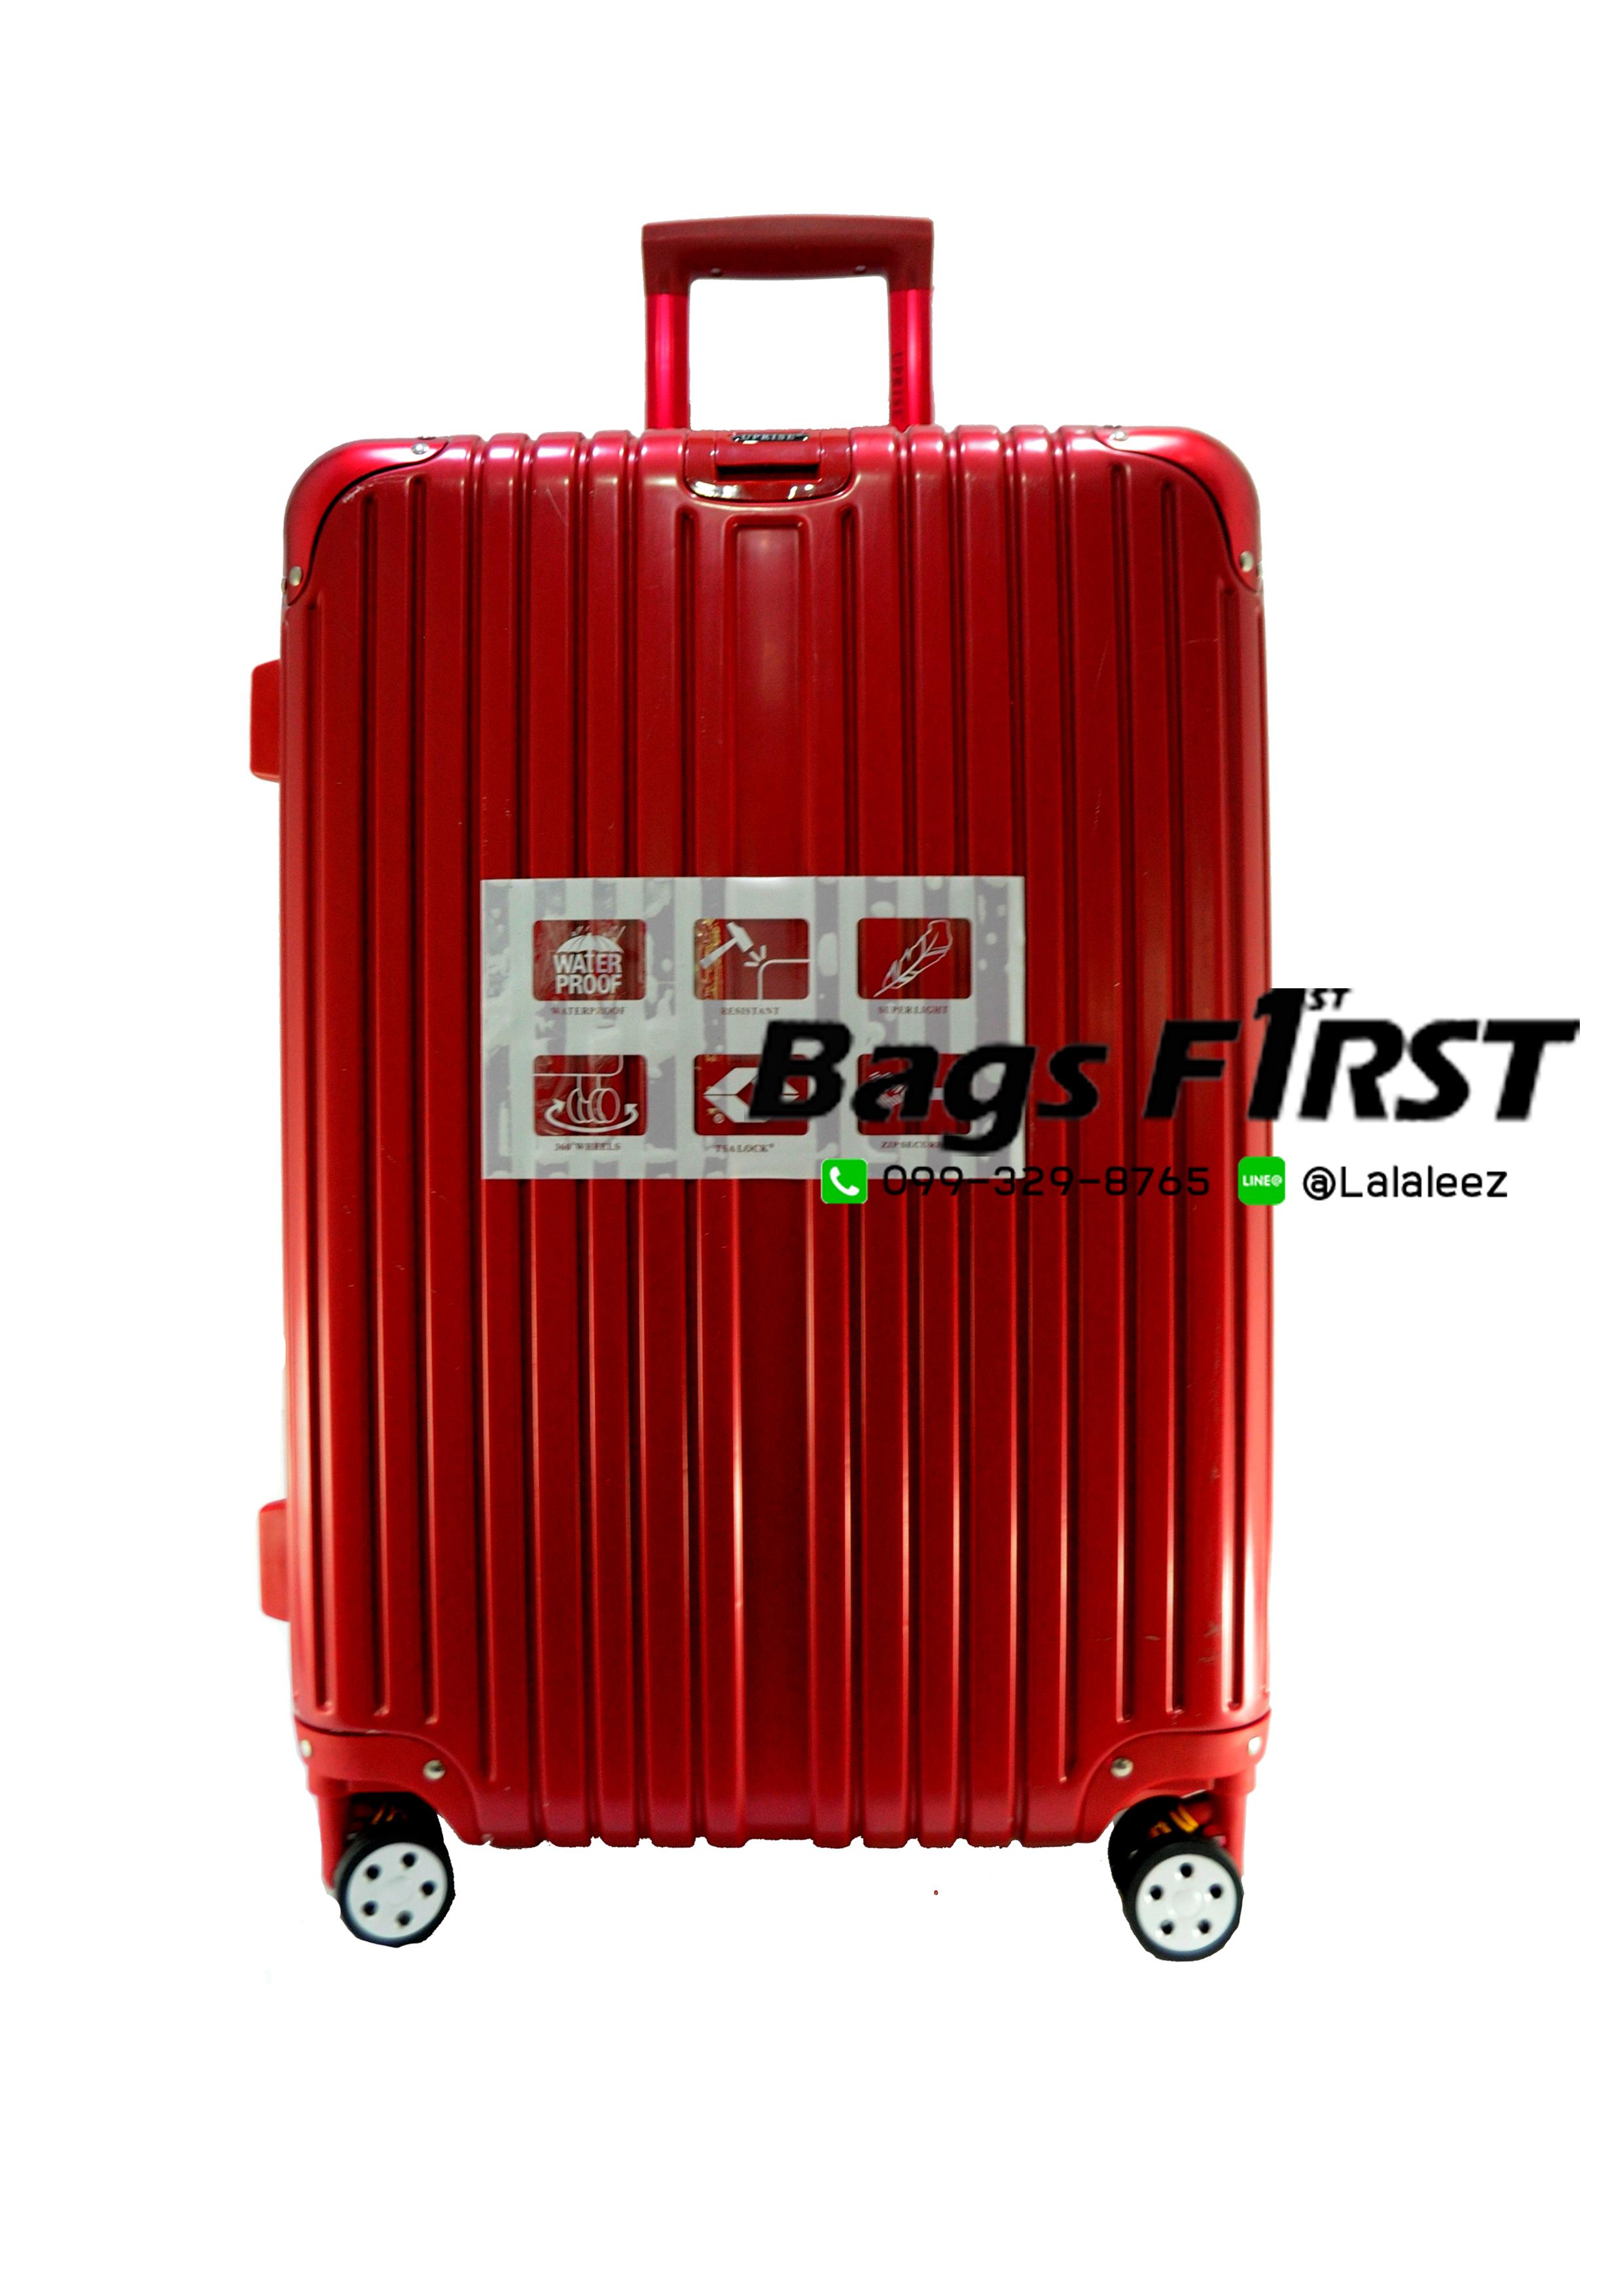 กระเป๋าเดินทาง รหัส 5507 สีแดง ขนาด 24 นิ้ว